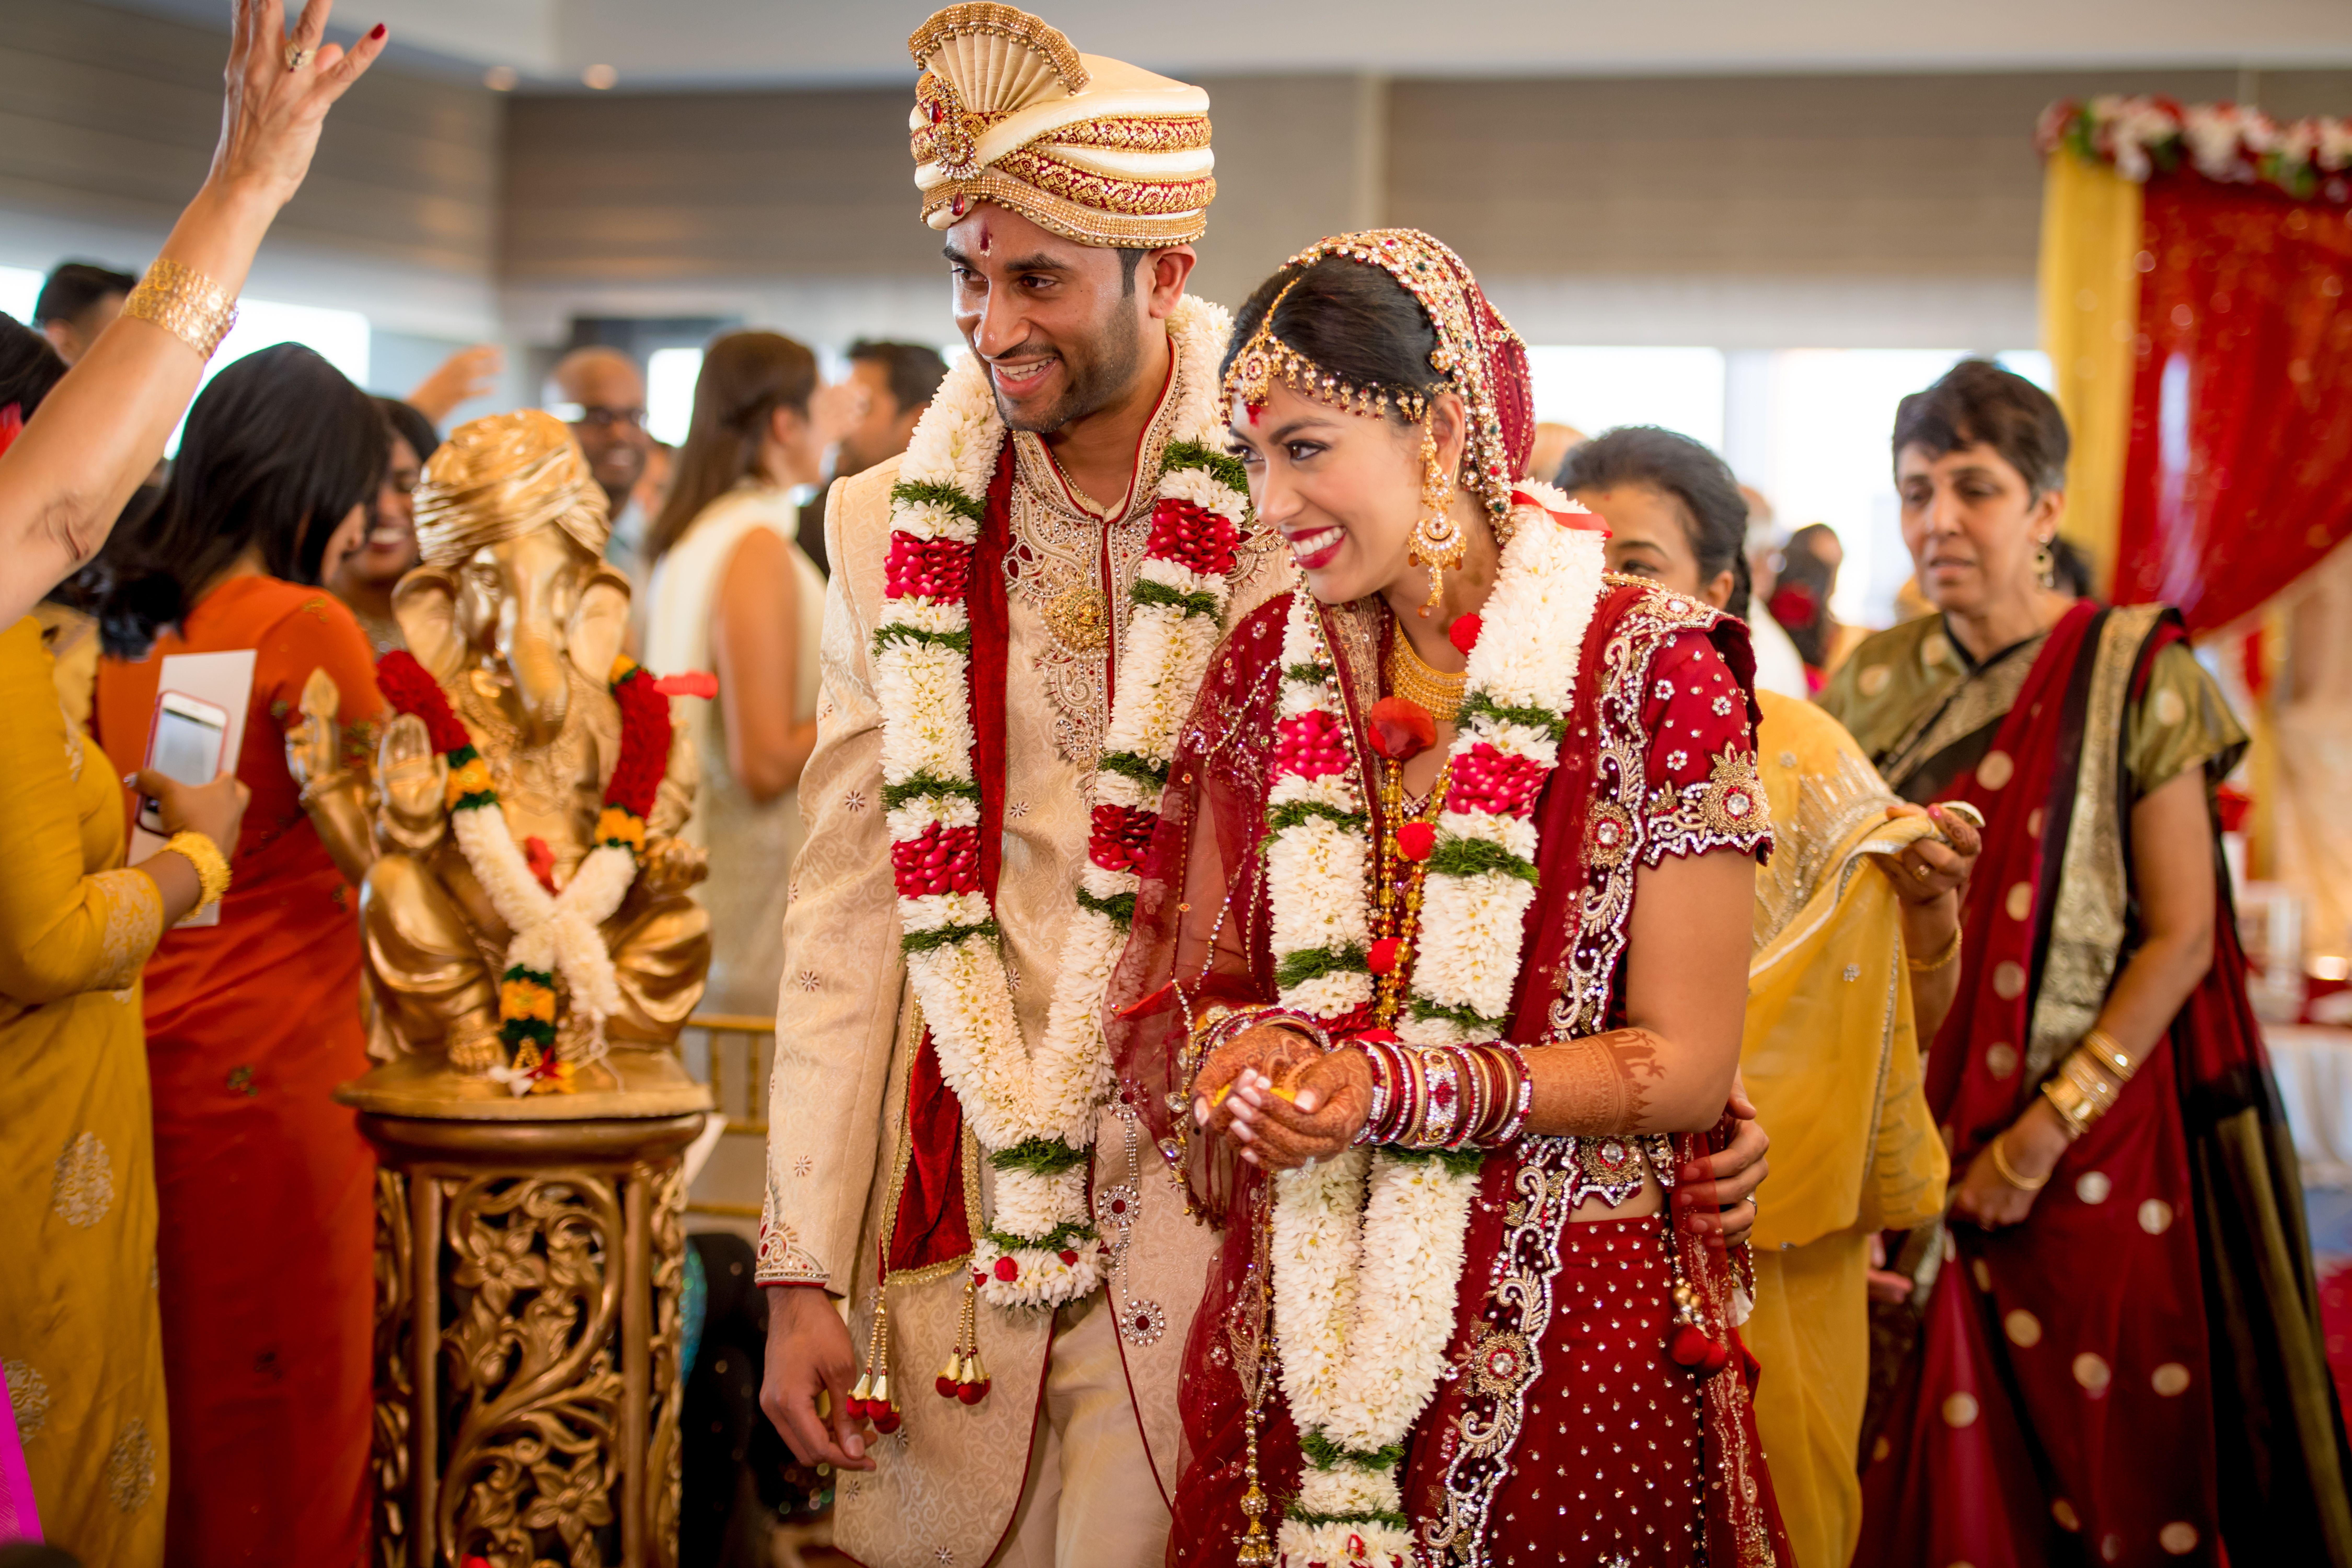 Priya and Kannan, Mixed Wedding Ceremony at Hatt Jersey